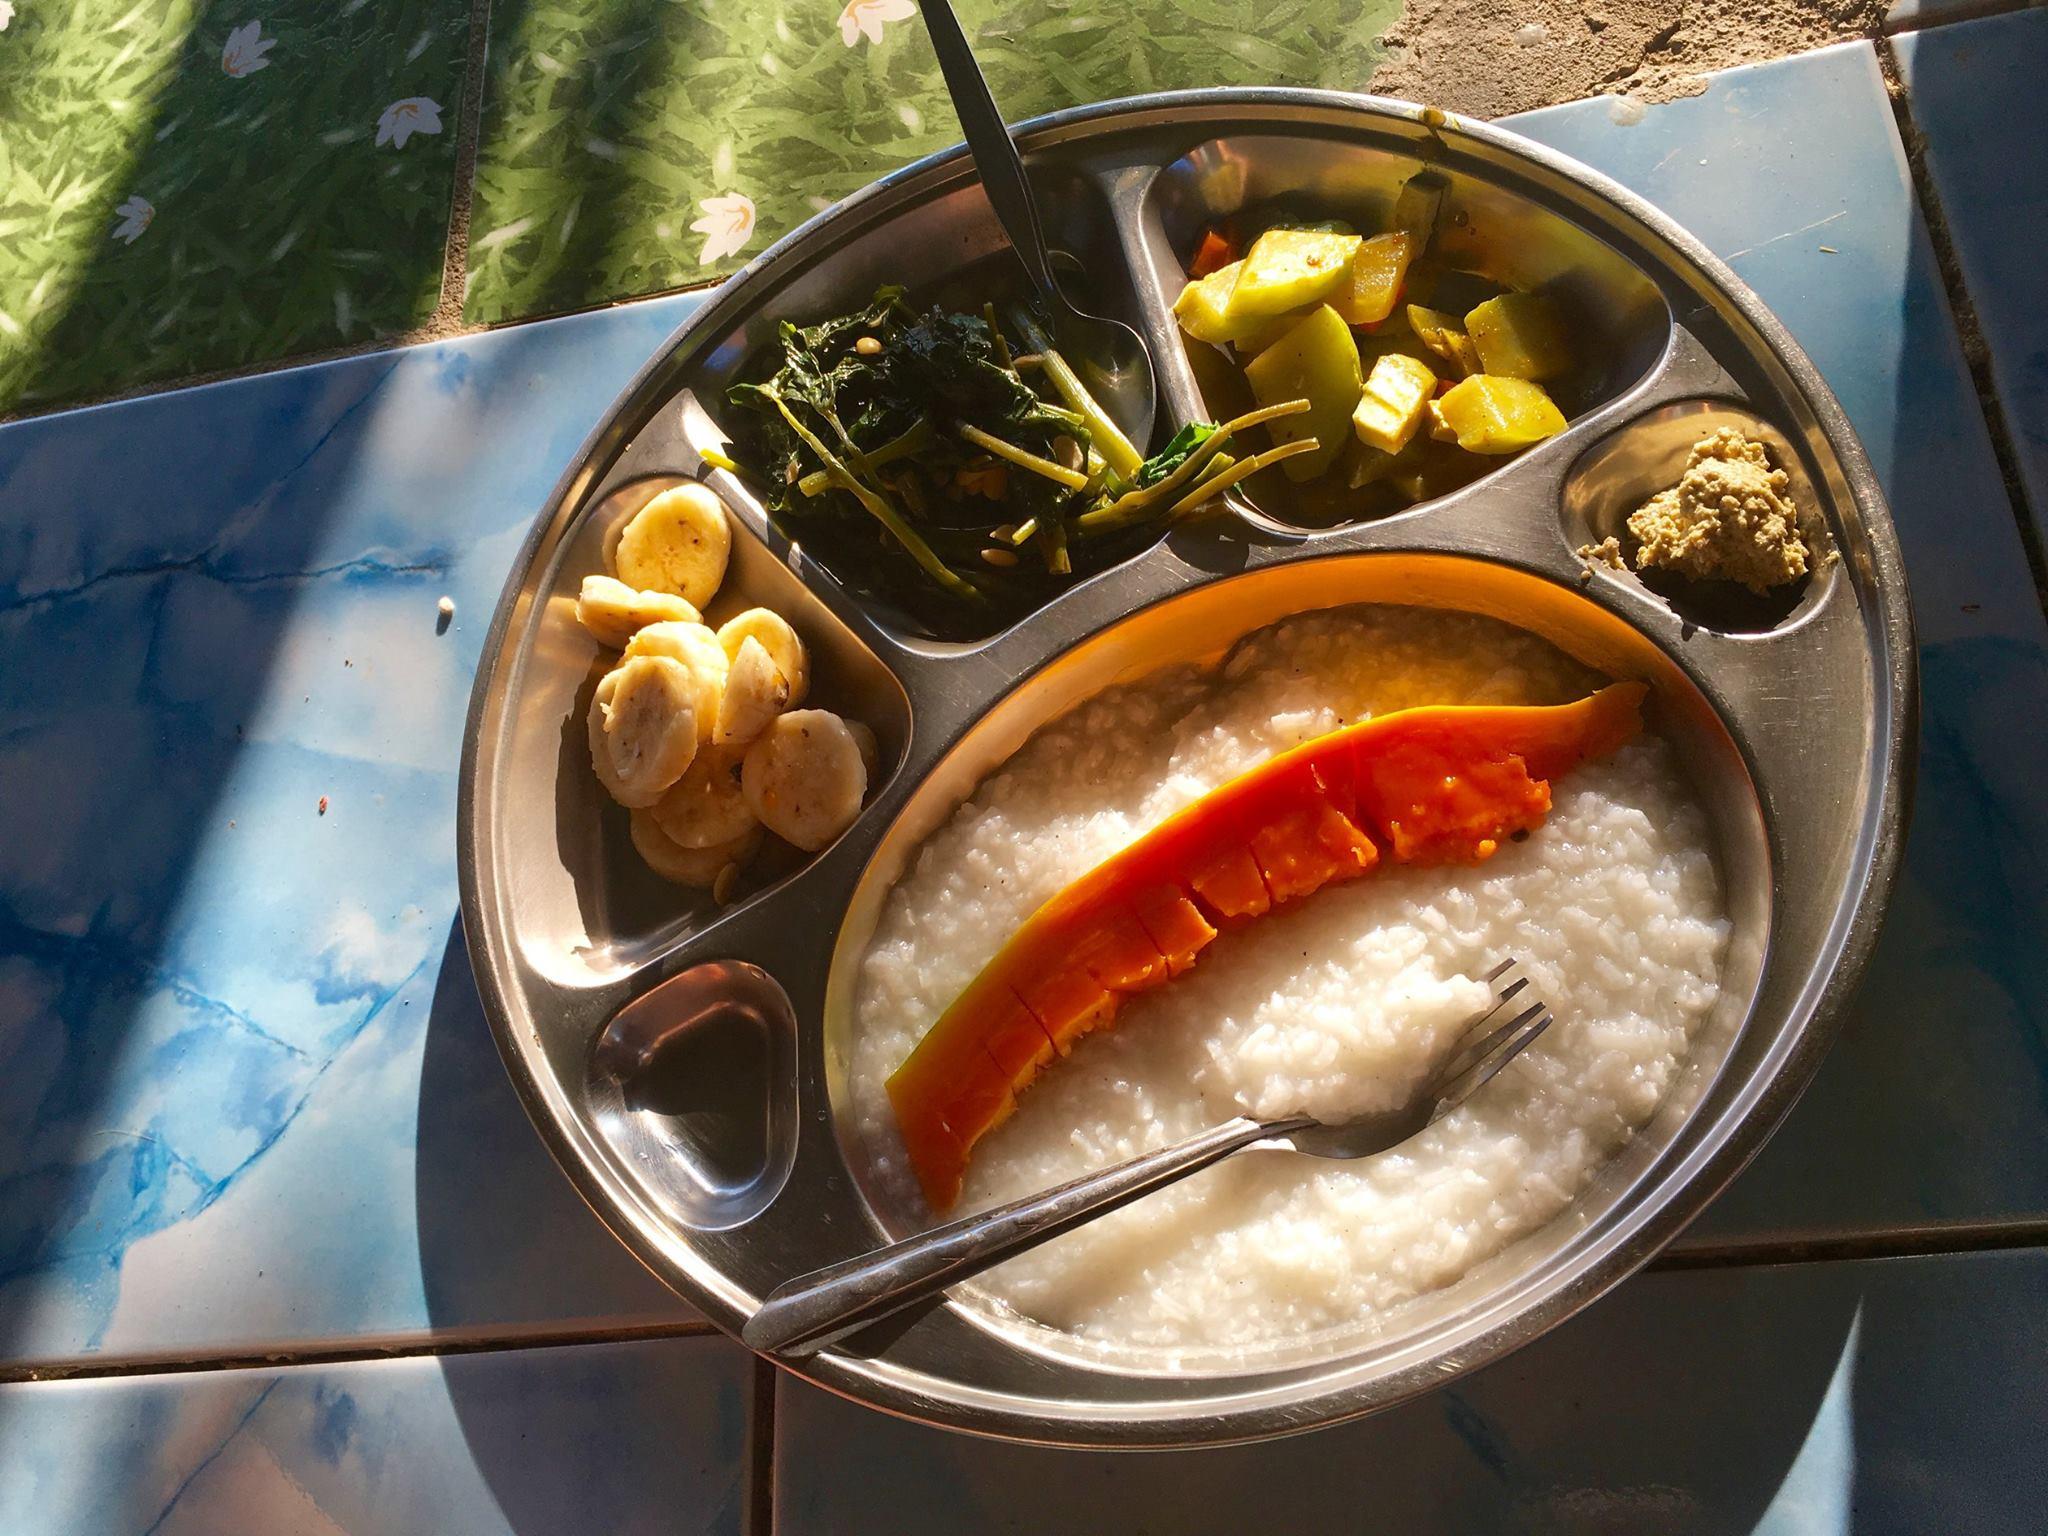 Fresh breakfast from the farm eaten in silence